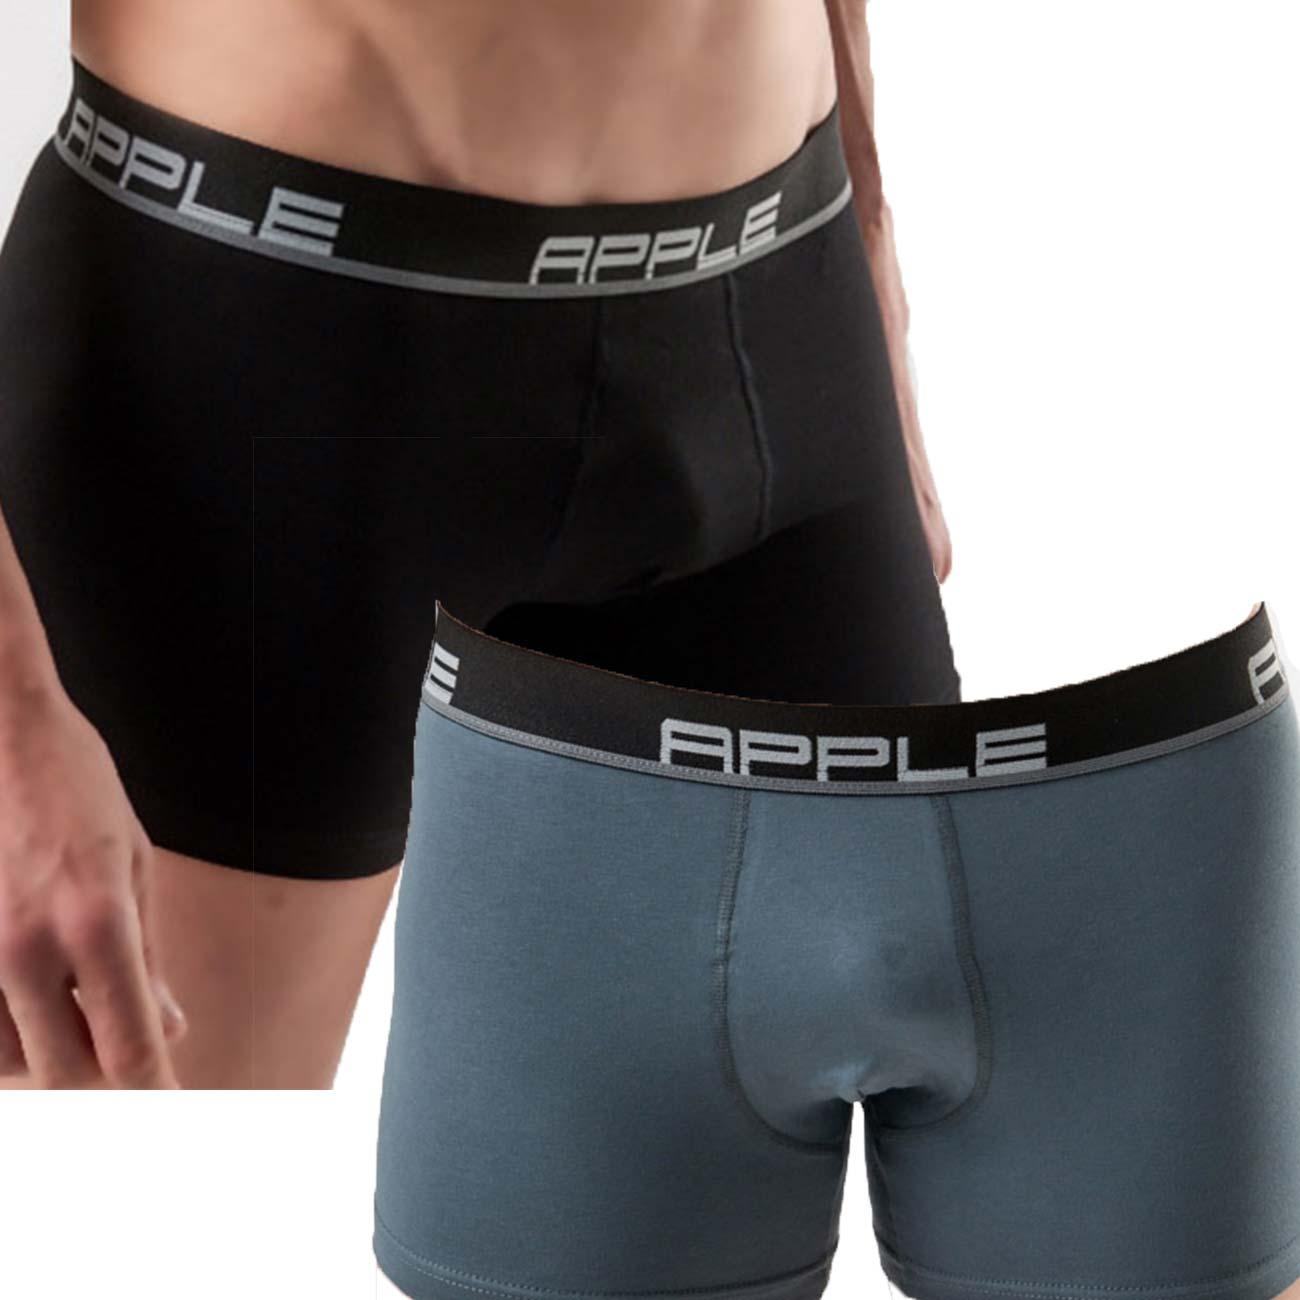 Ανδρικό boxer Apple 0112149 - 2 pack - Μαύρο-Ανθρακί, 2XL